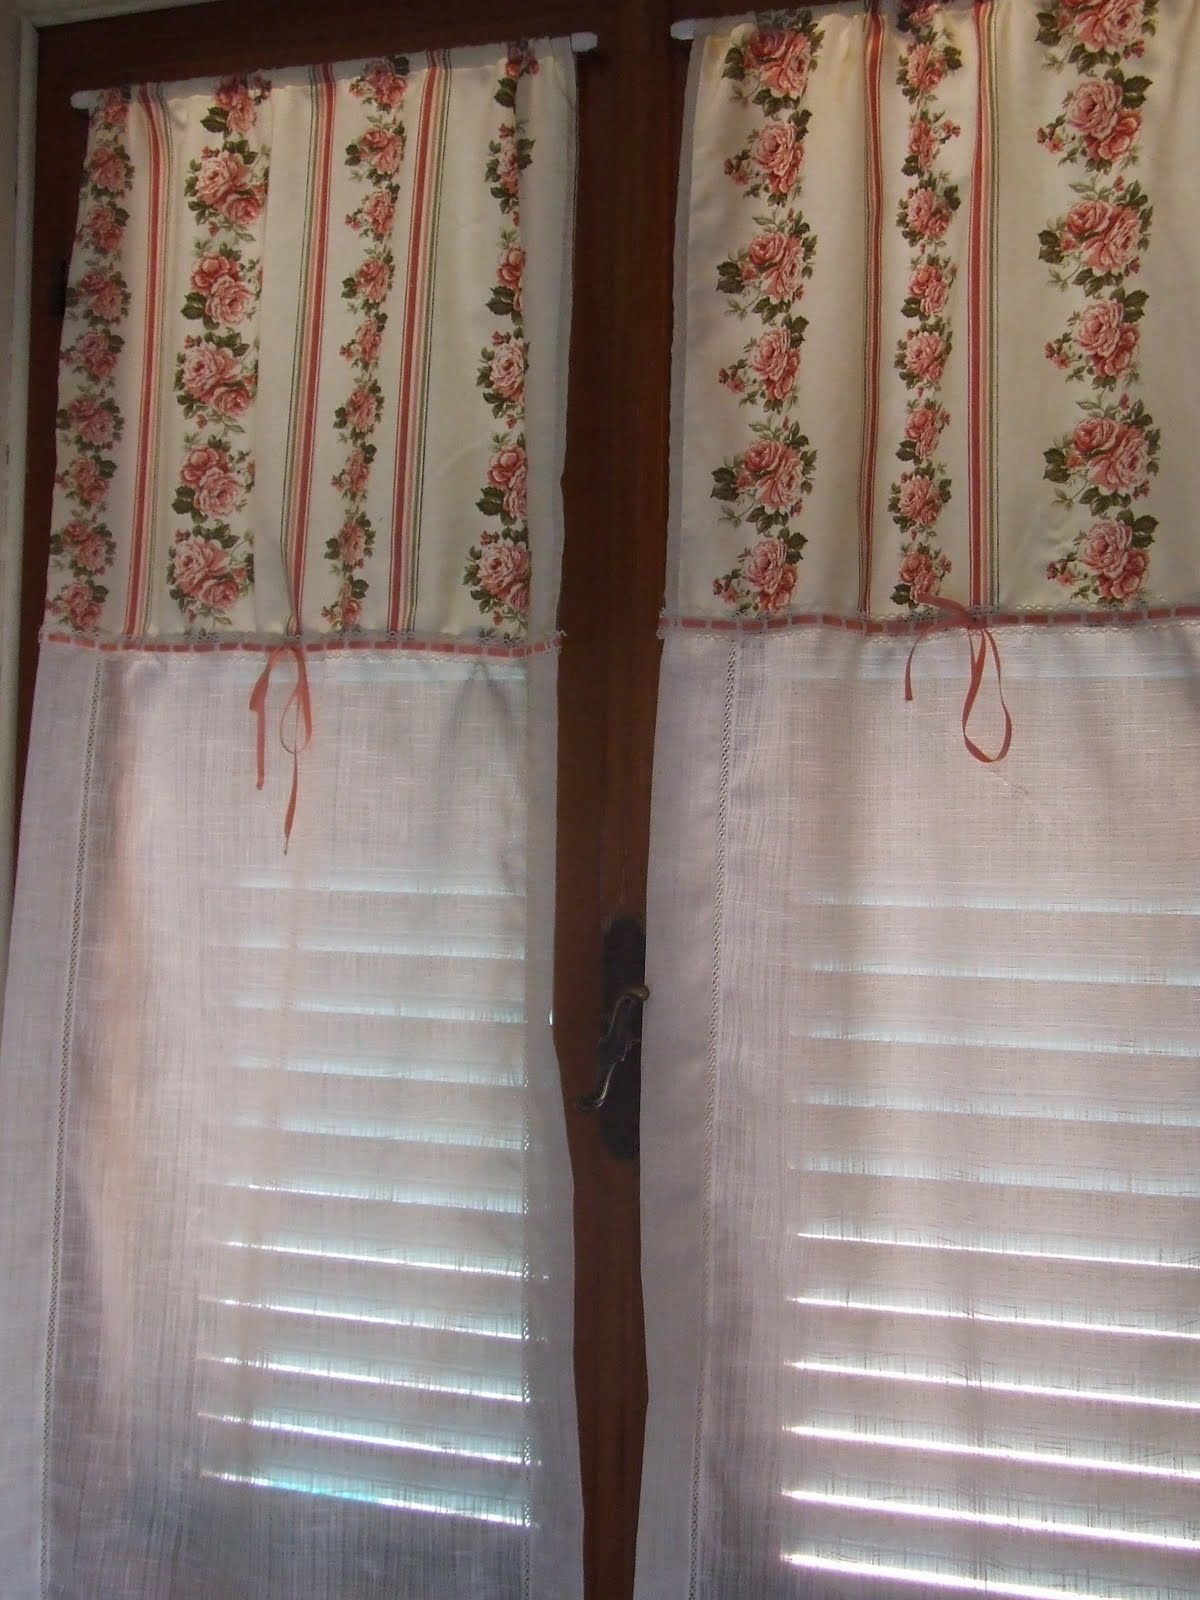 Il negozio alla francese tende toile de jouy con tessuti for Tessuti arredamento francesi